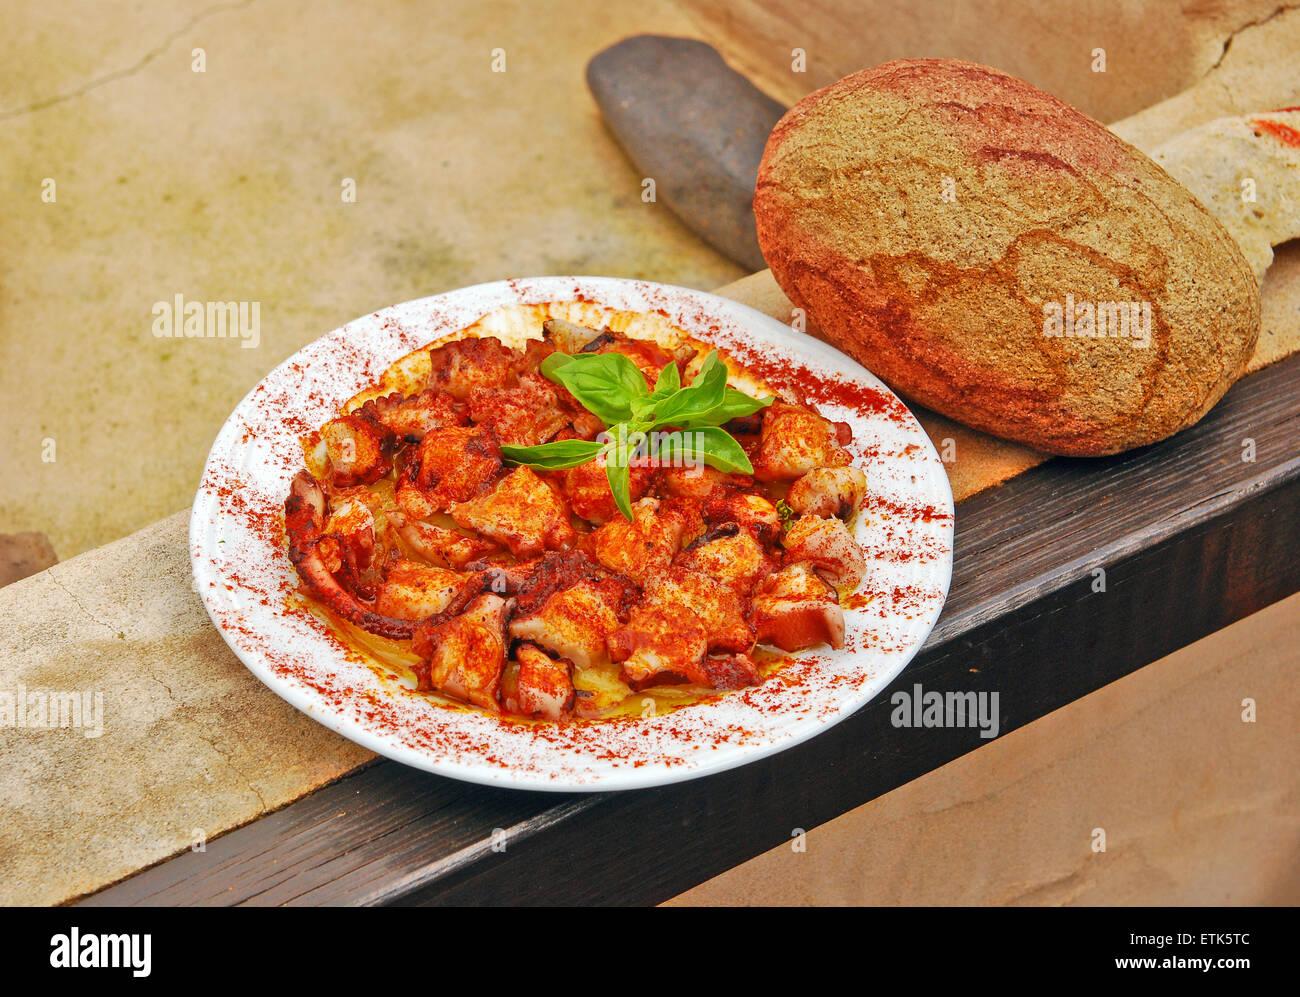 Fuerteventura, Kanarische Inseln. Frittiertes Gemüse oder Fleisch schön auf einem Teller mit Weißbrot Stockbild